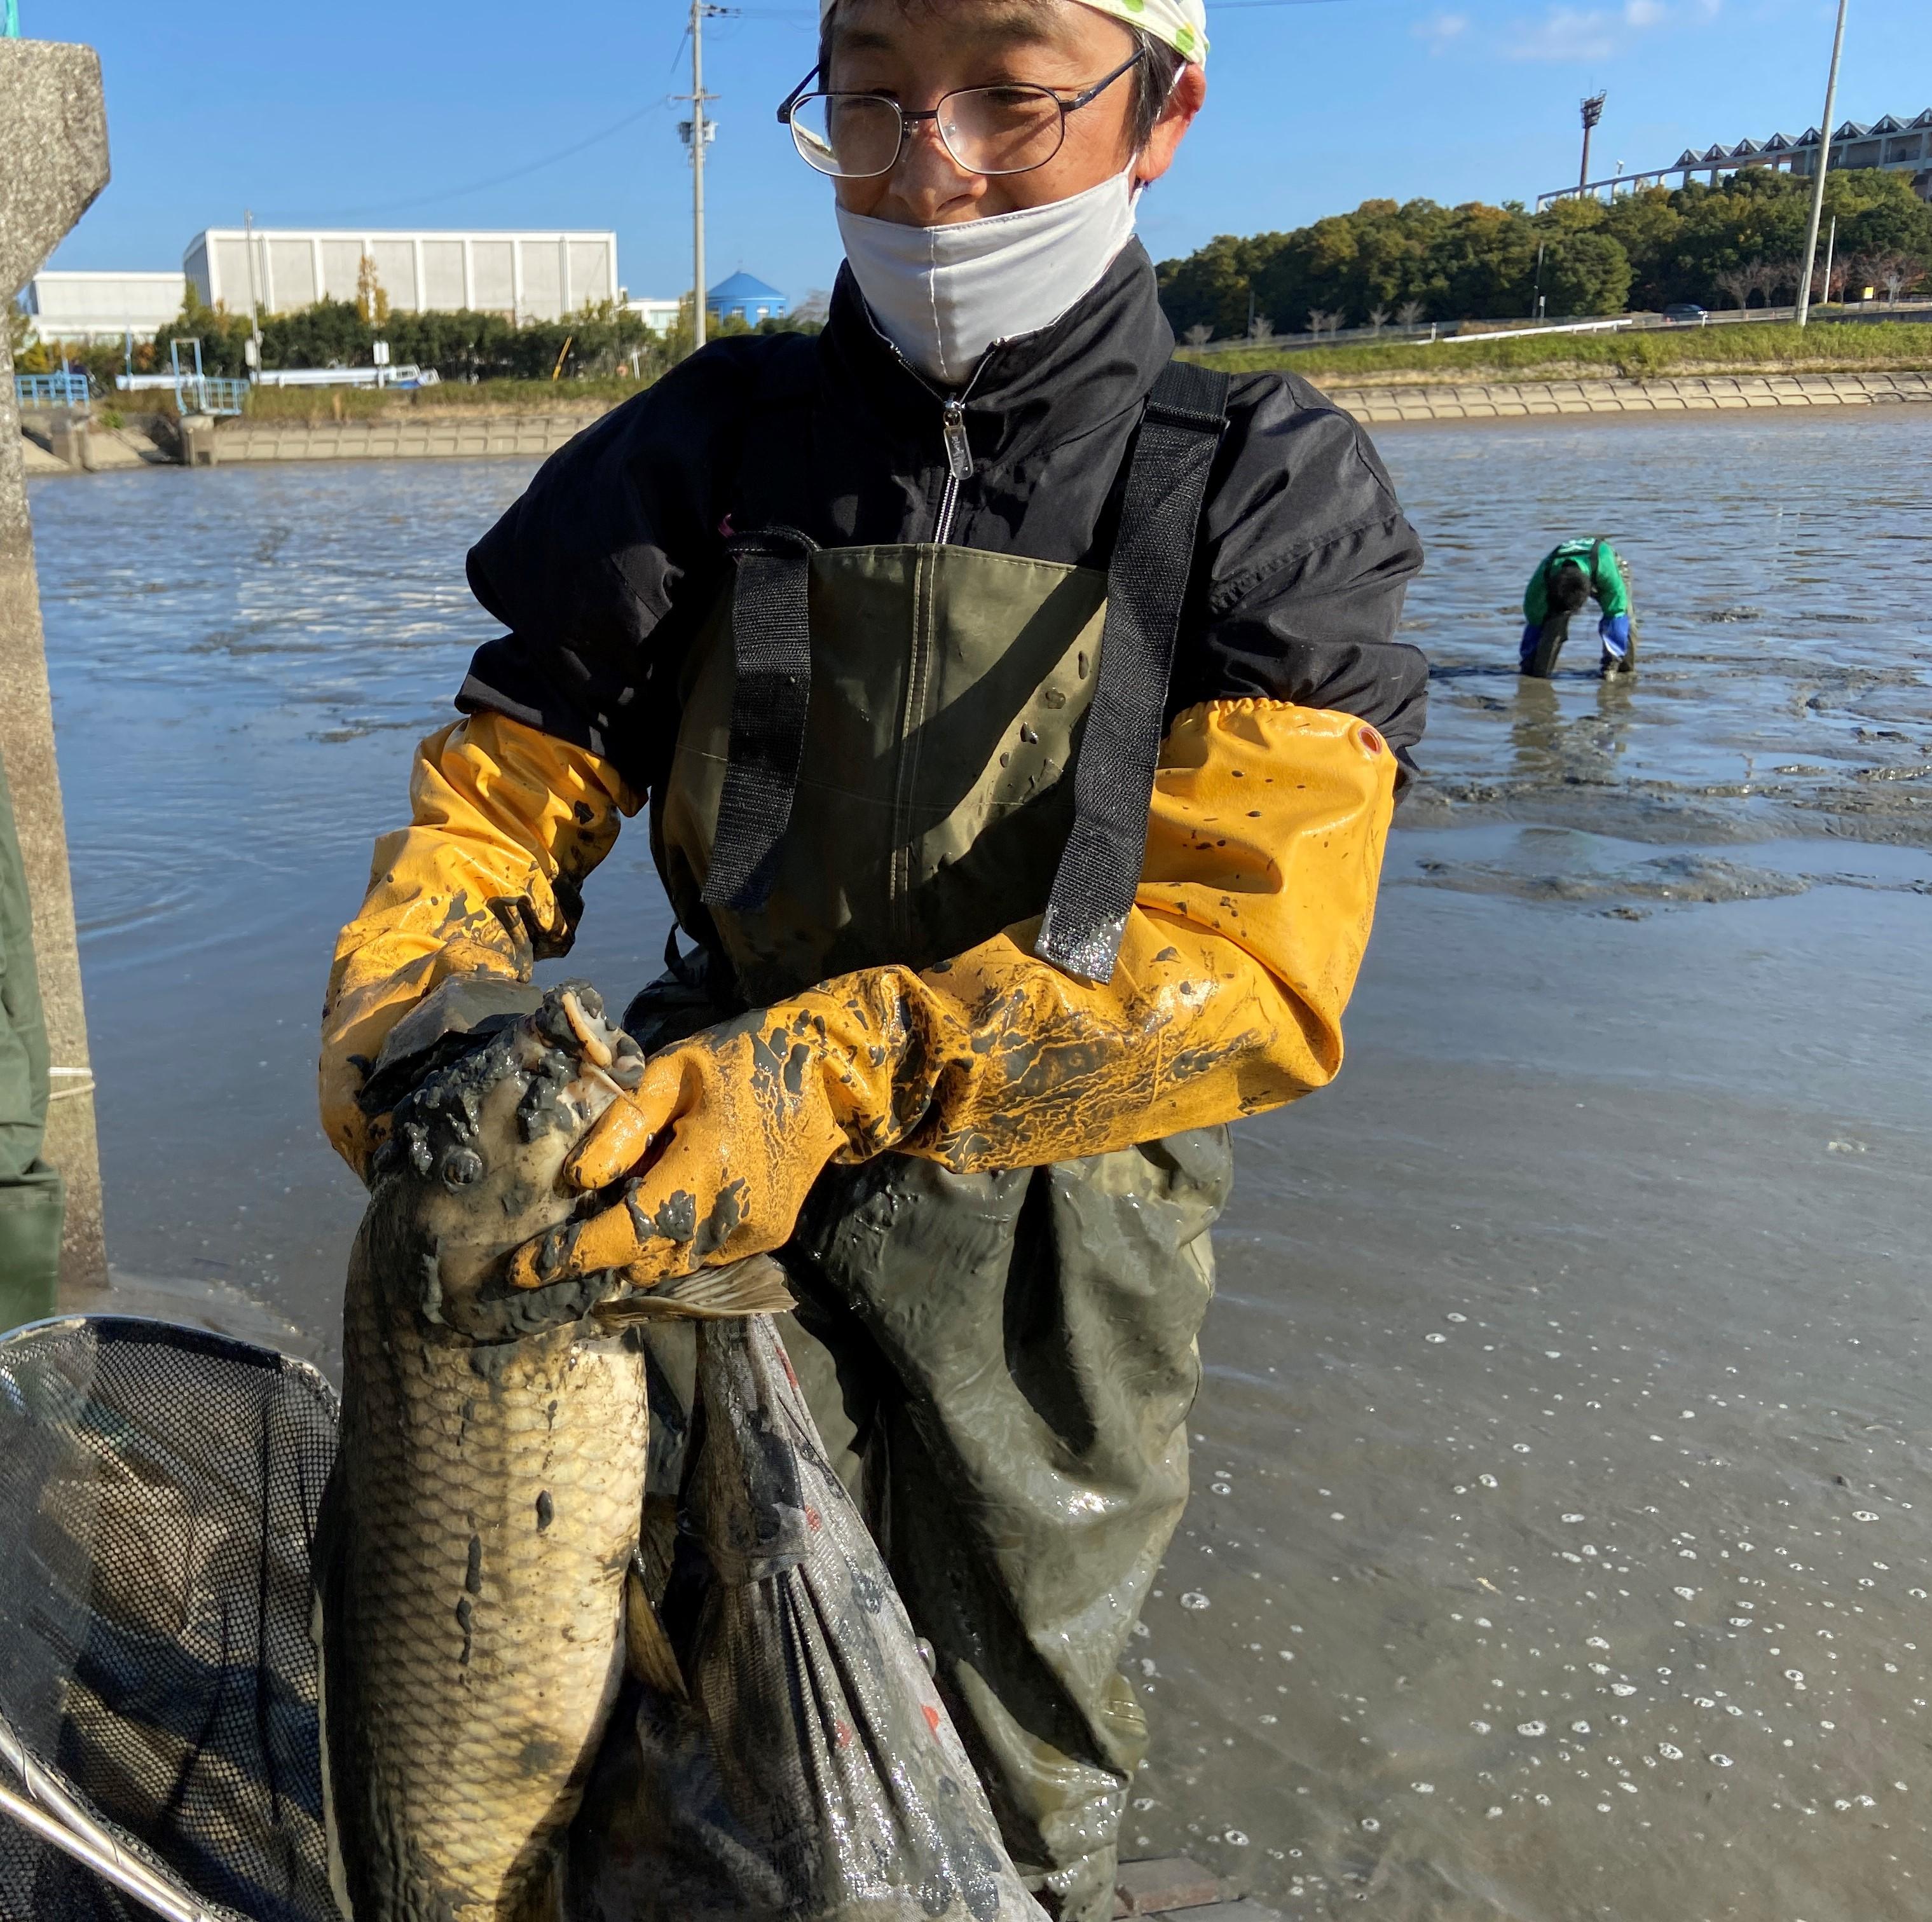 和亀保護の会の西堀さんです。コイの掴み方流石です。他に泥の中からミシシッピアカミミガメを見つけられていました。